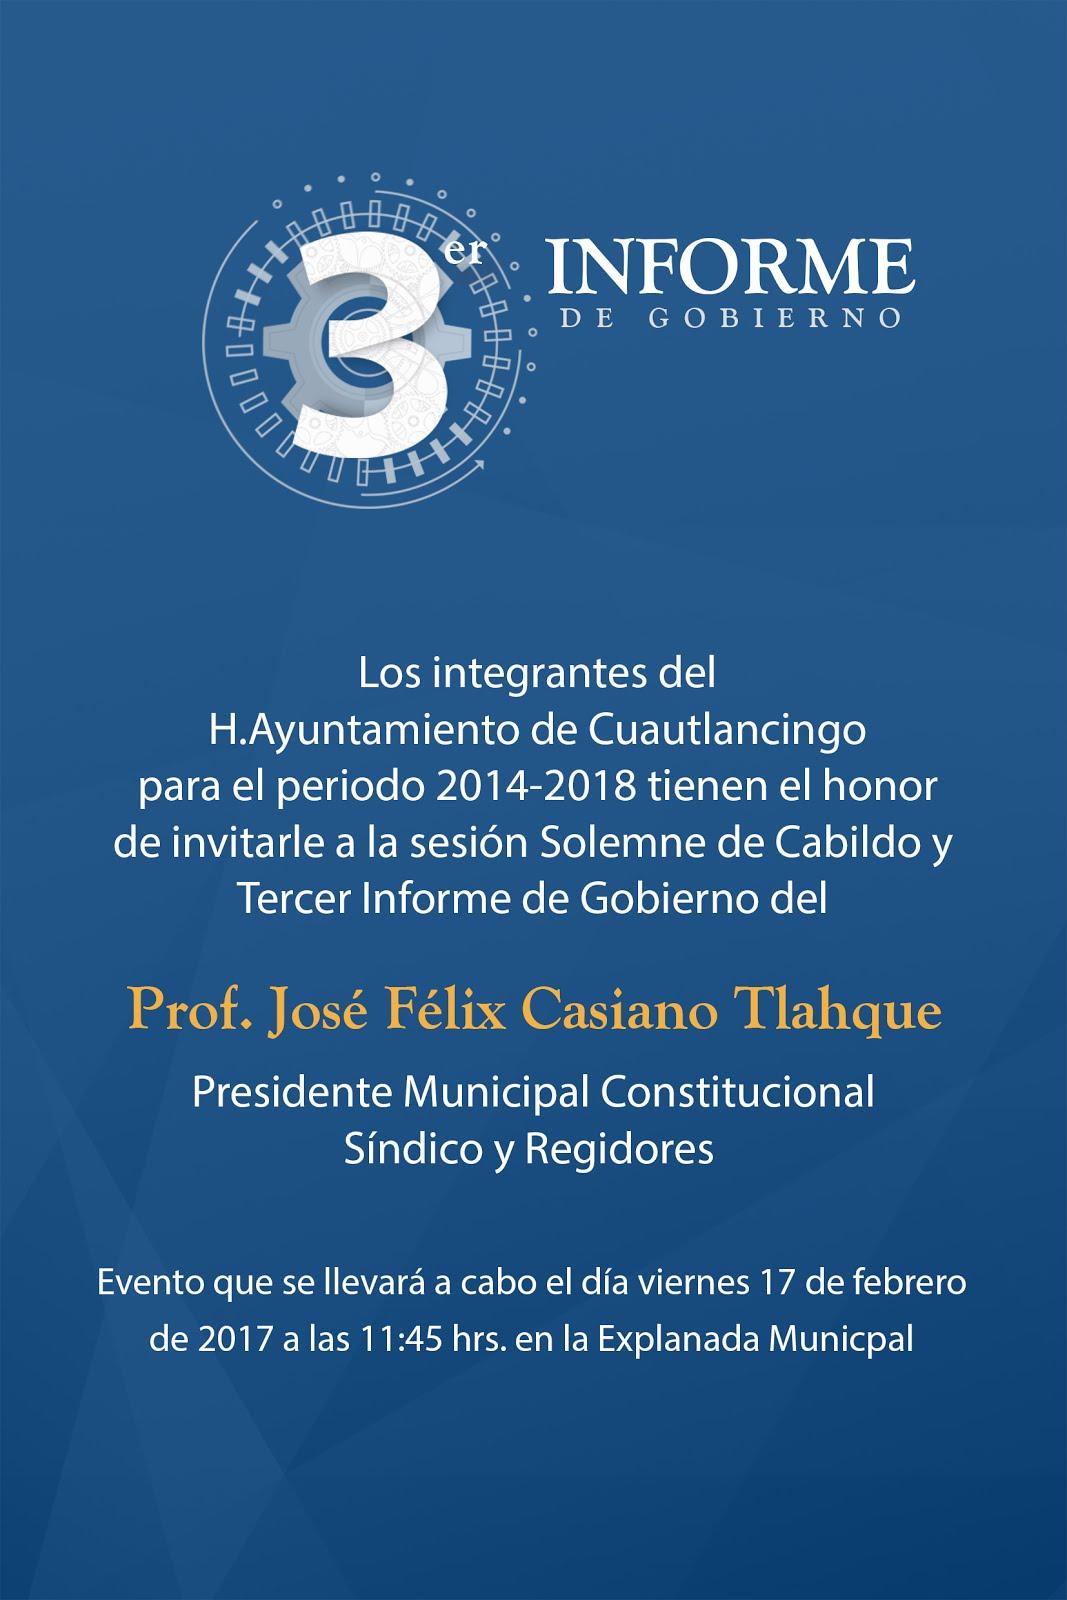 Félix Casiano Tlahque rinde su Tercer Informe de Gobierno